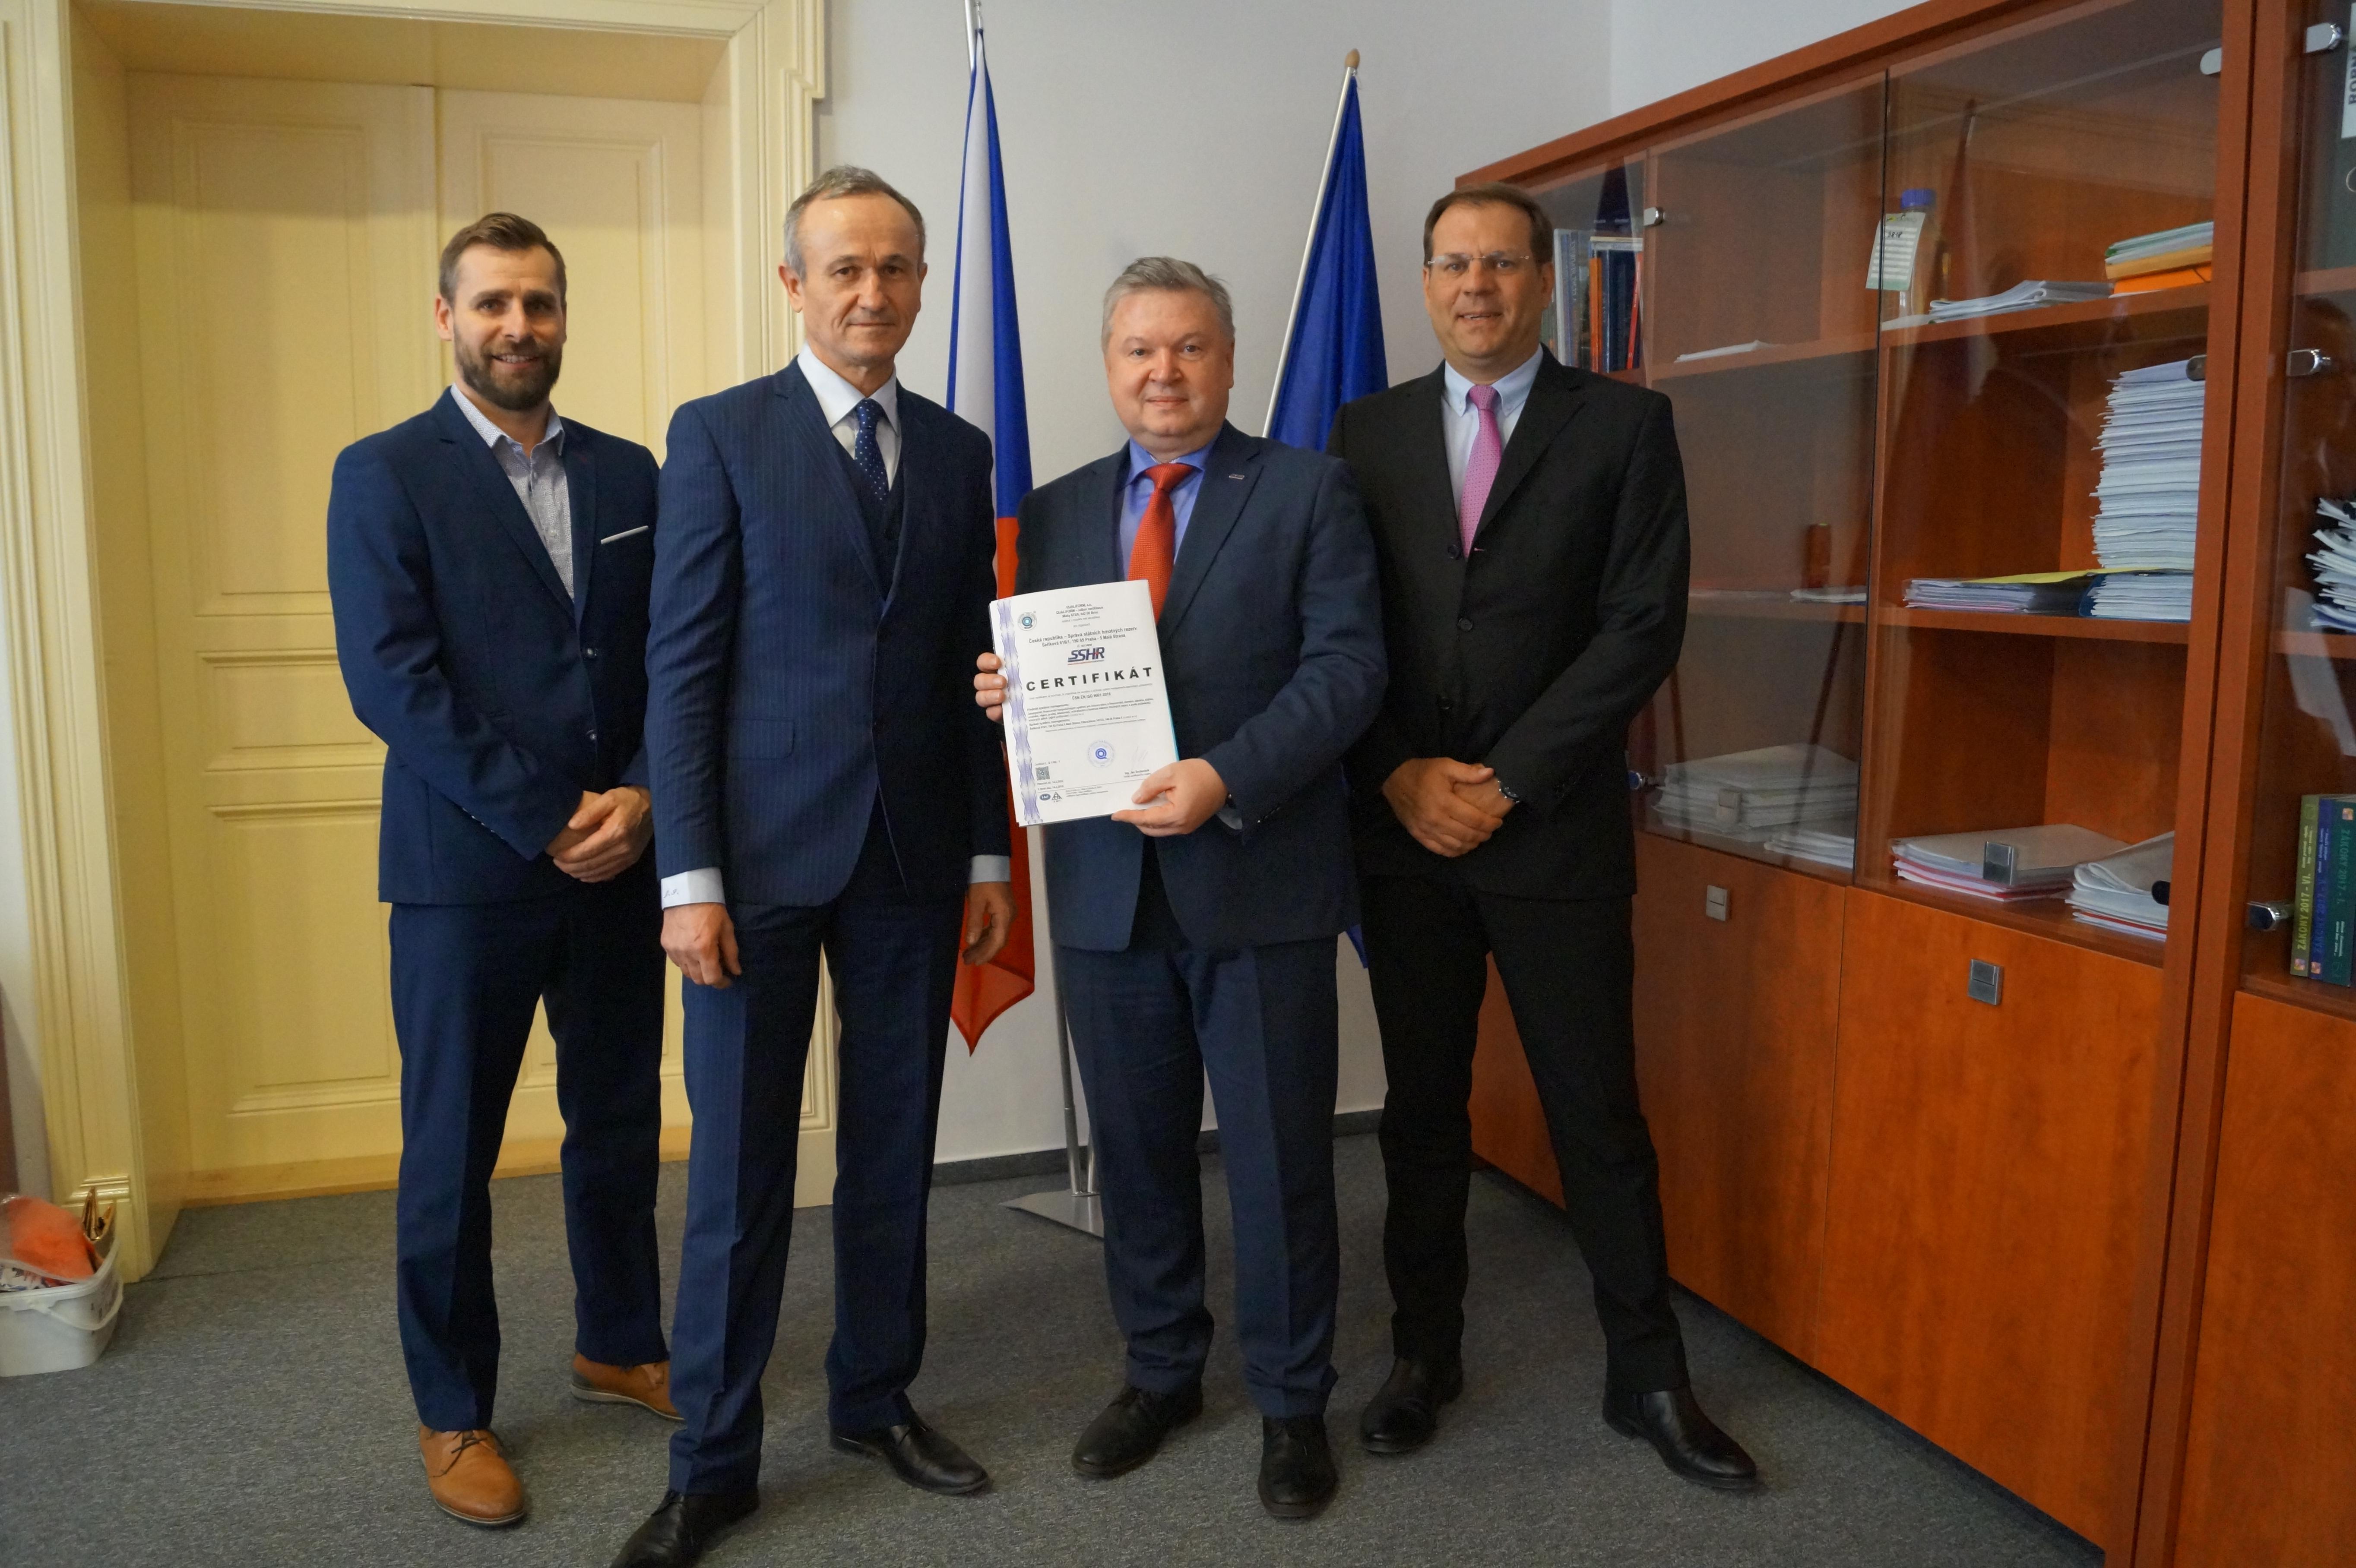 Správa získala certifikát ISO 9001